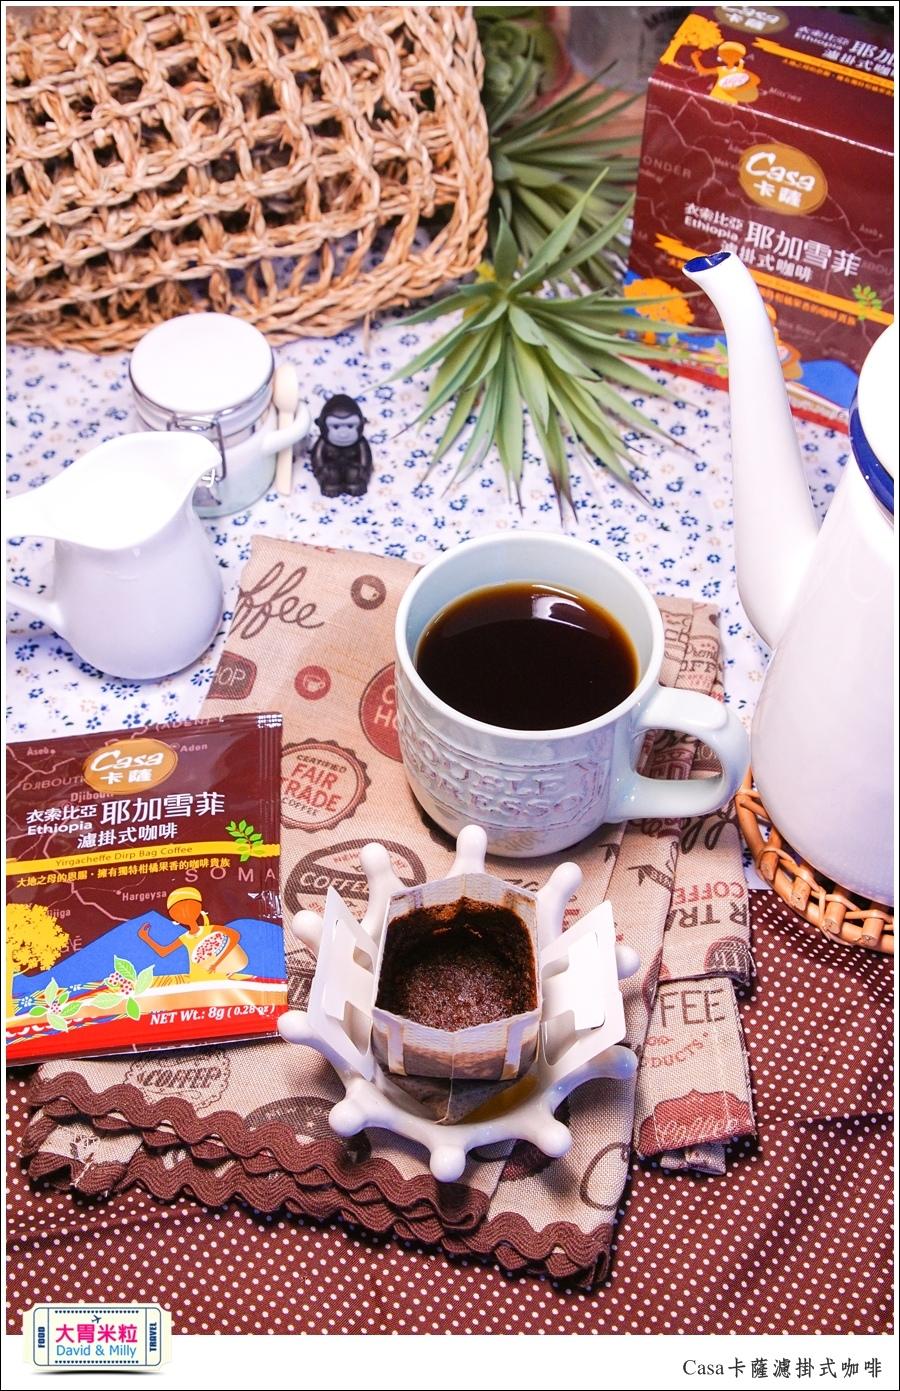 CASA卡薩濾掛式咖啡推薦-耶加雪菲咖啡@大胃米粒0016.jpg